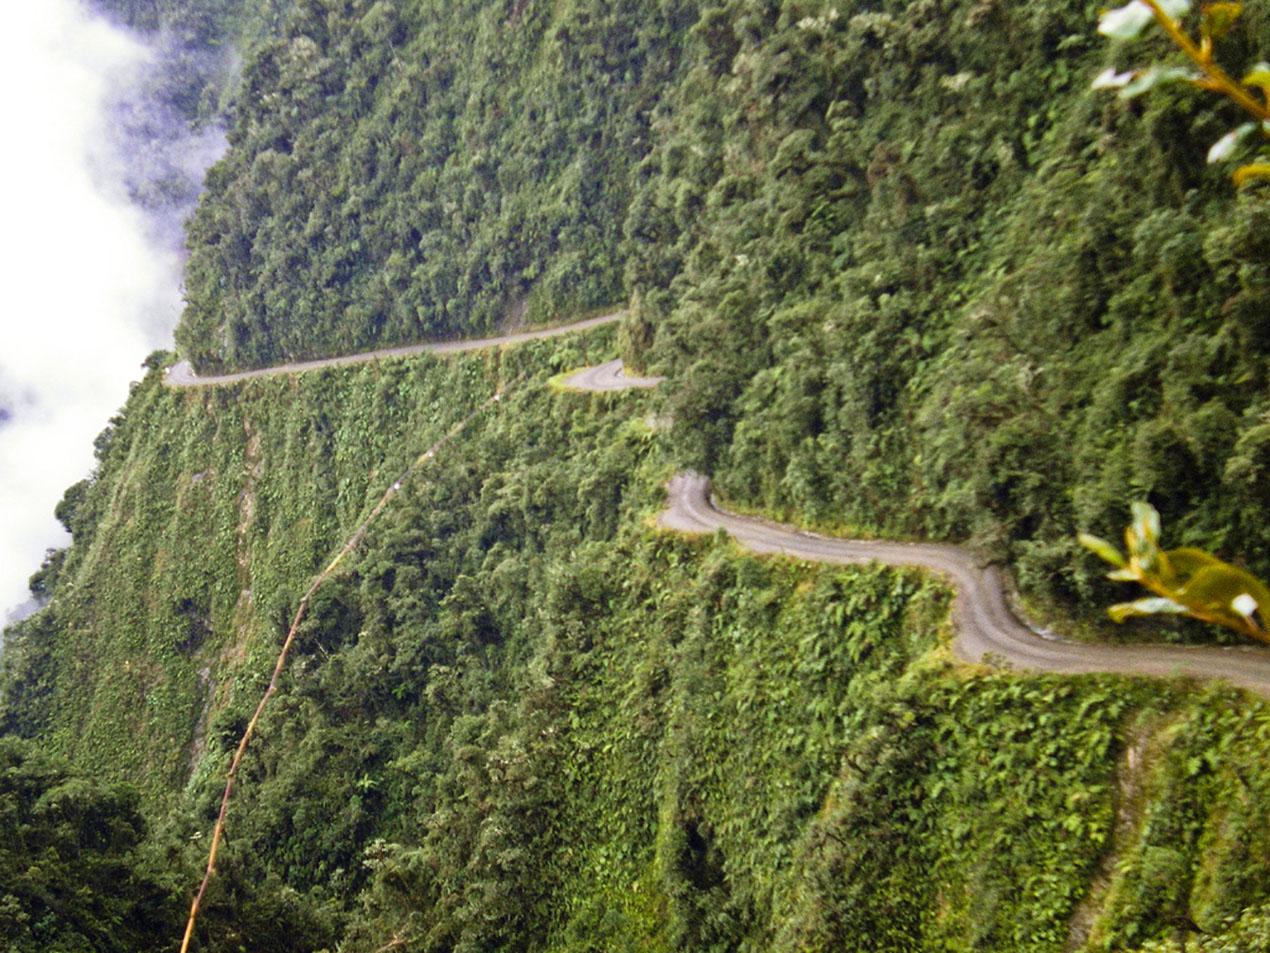 camino de la muerte boliviano